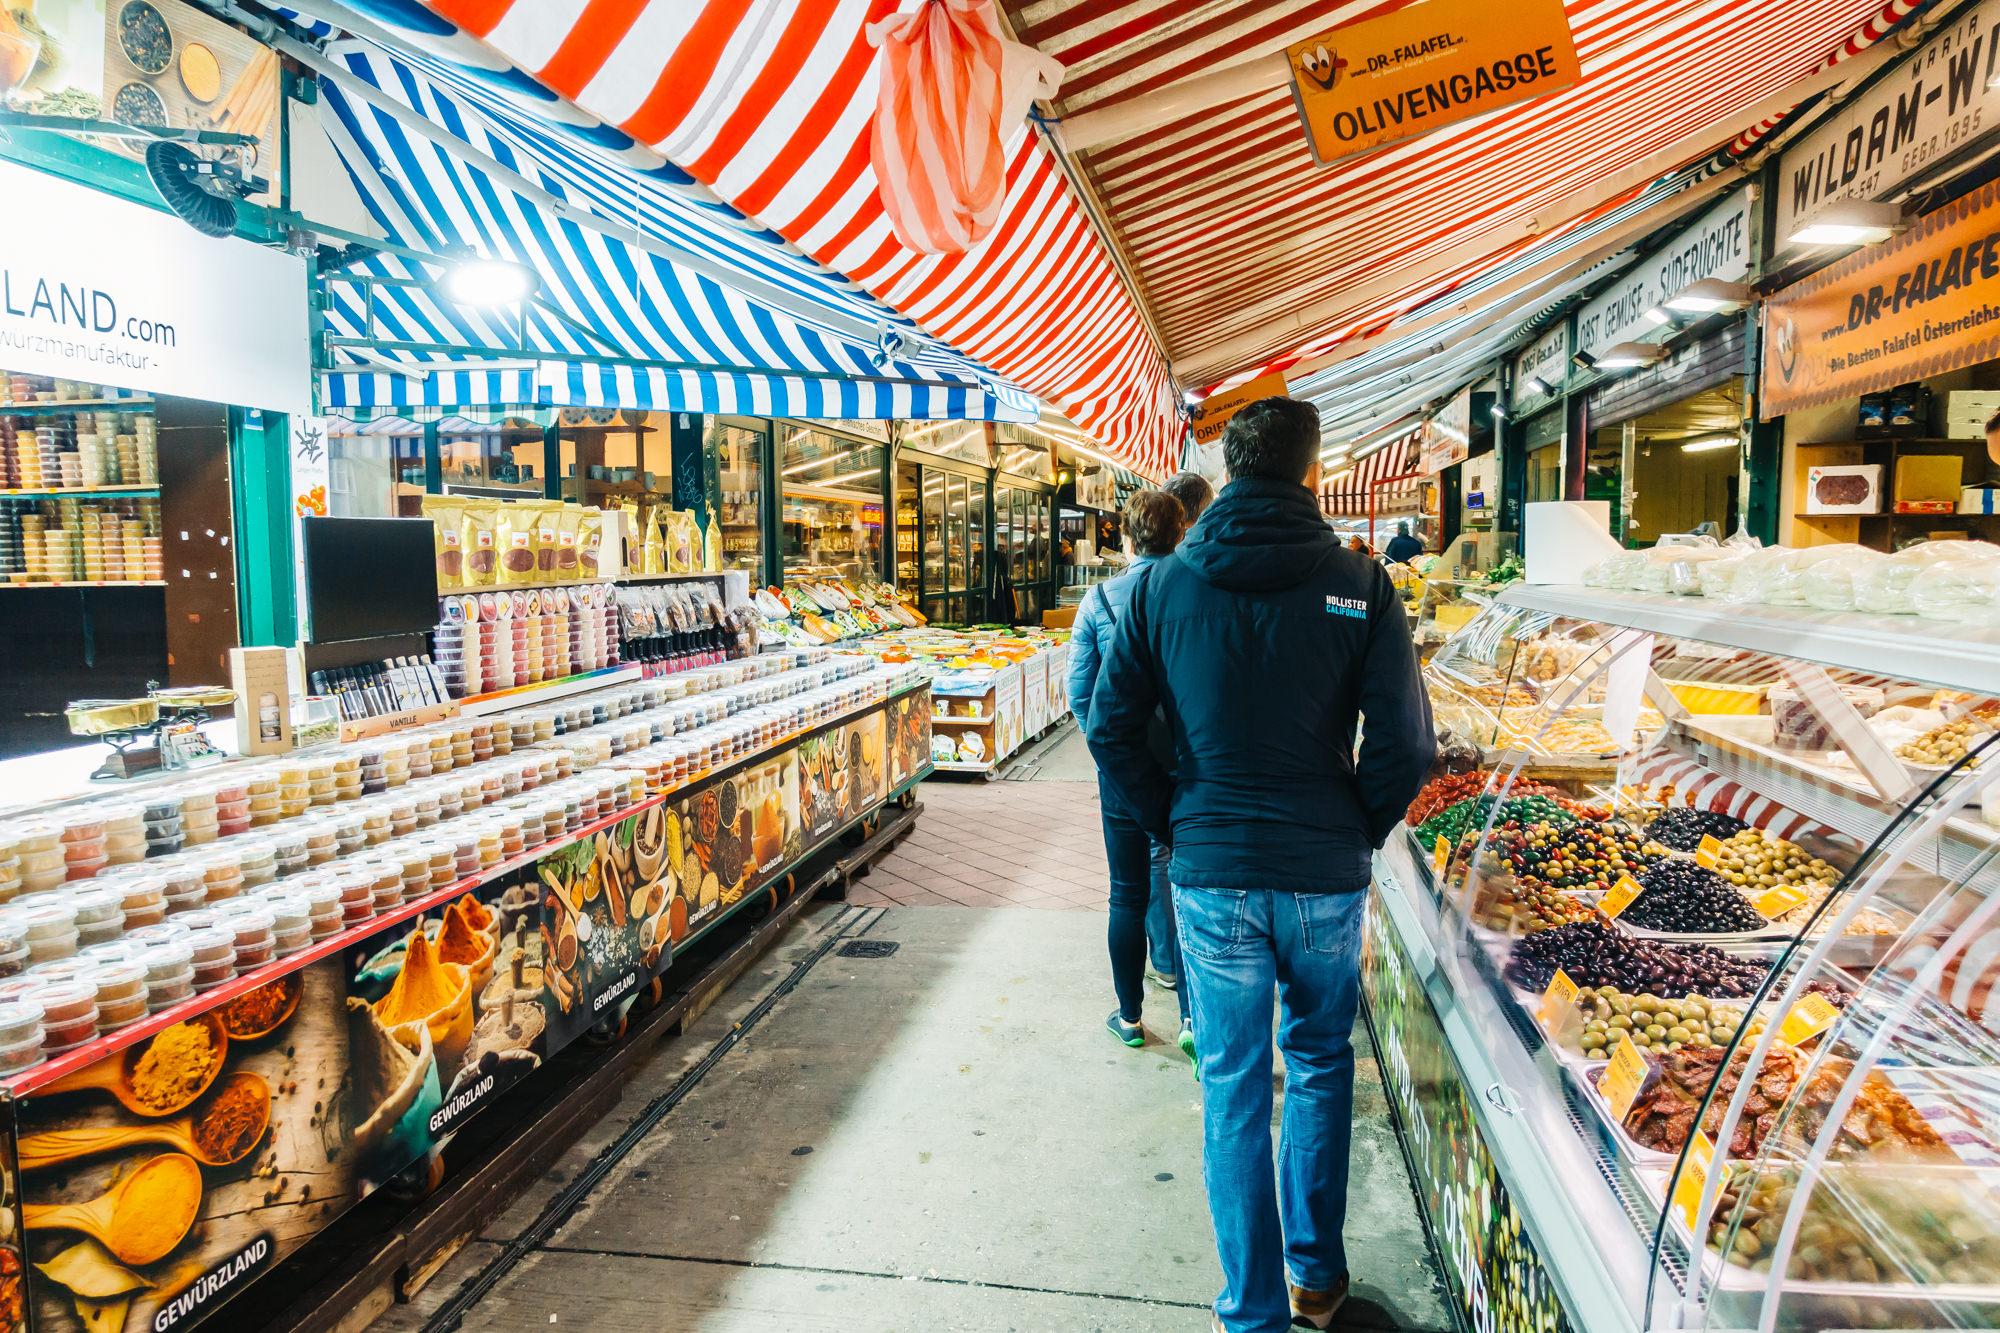 120 market stands and restaurants at Naschmarkt